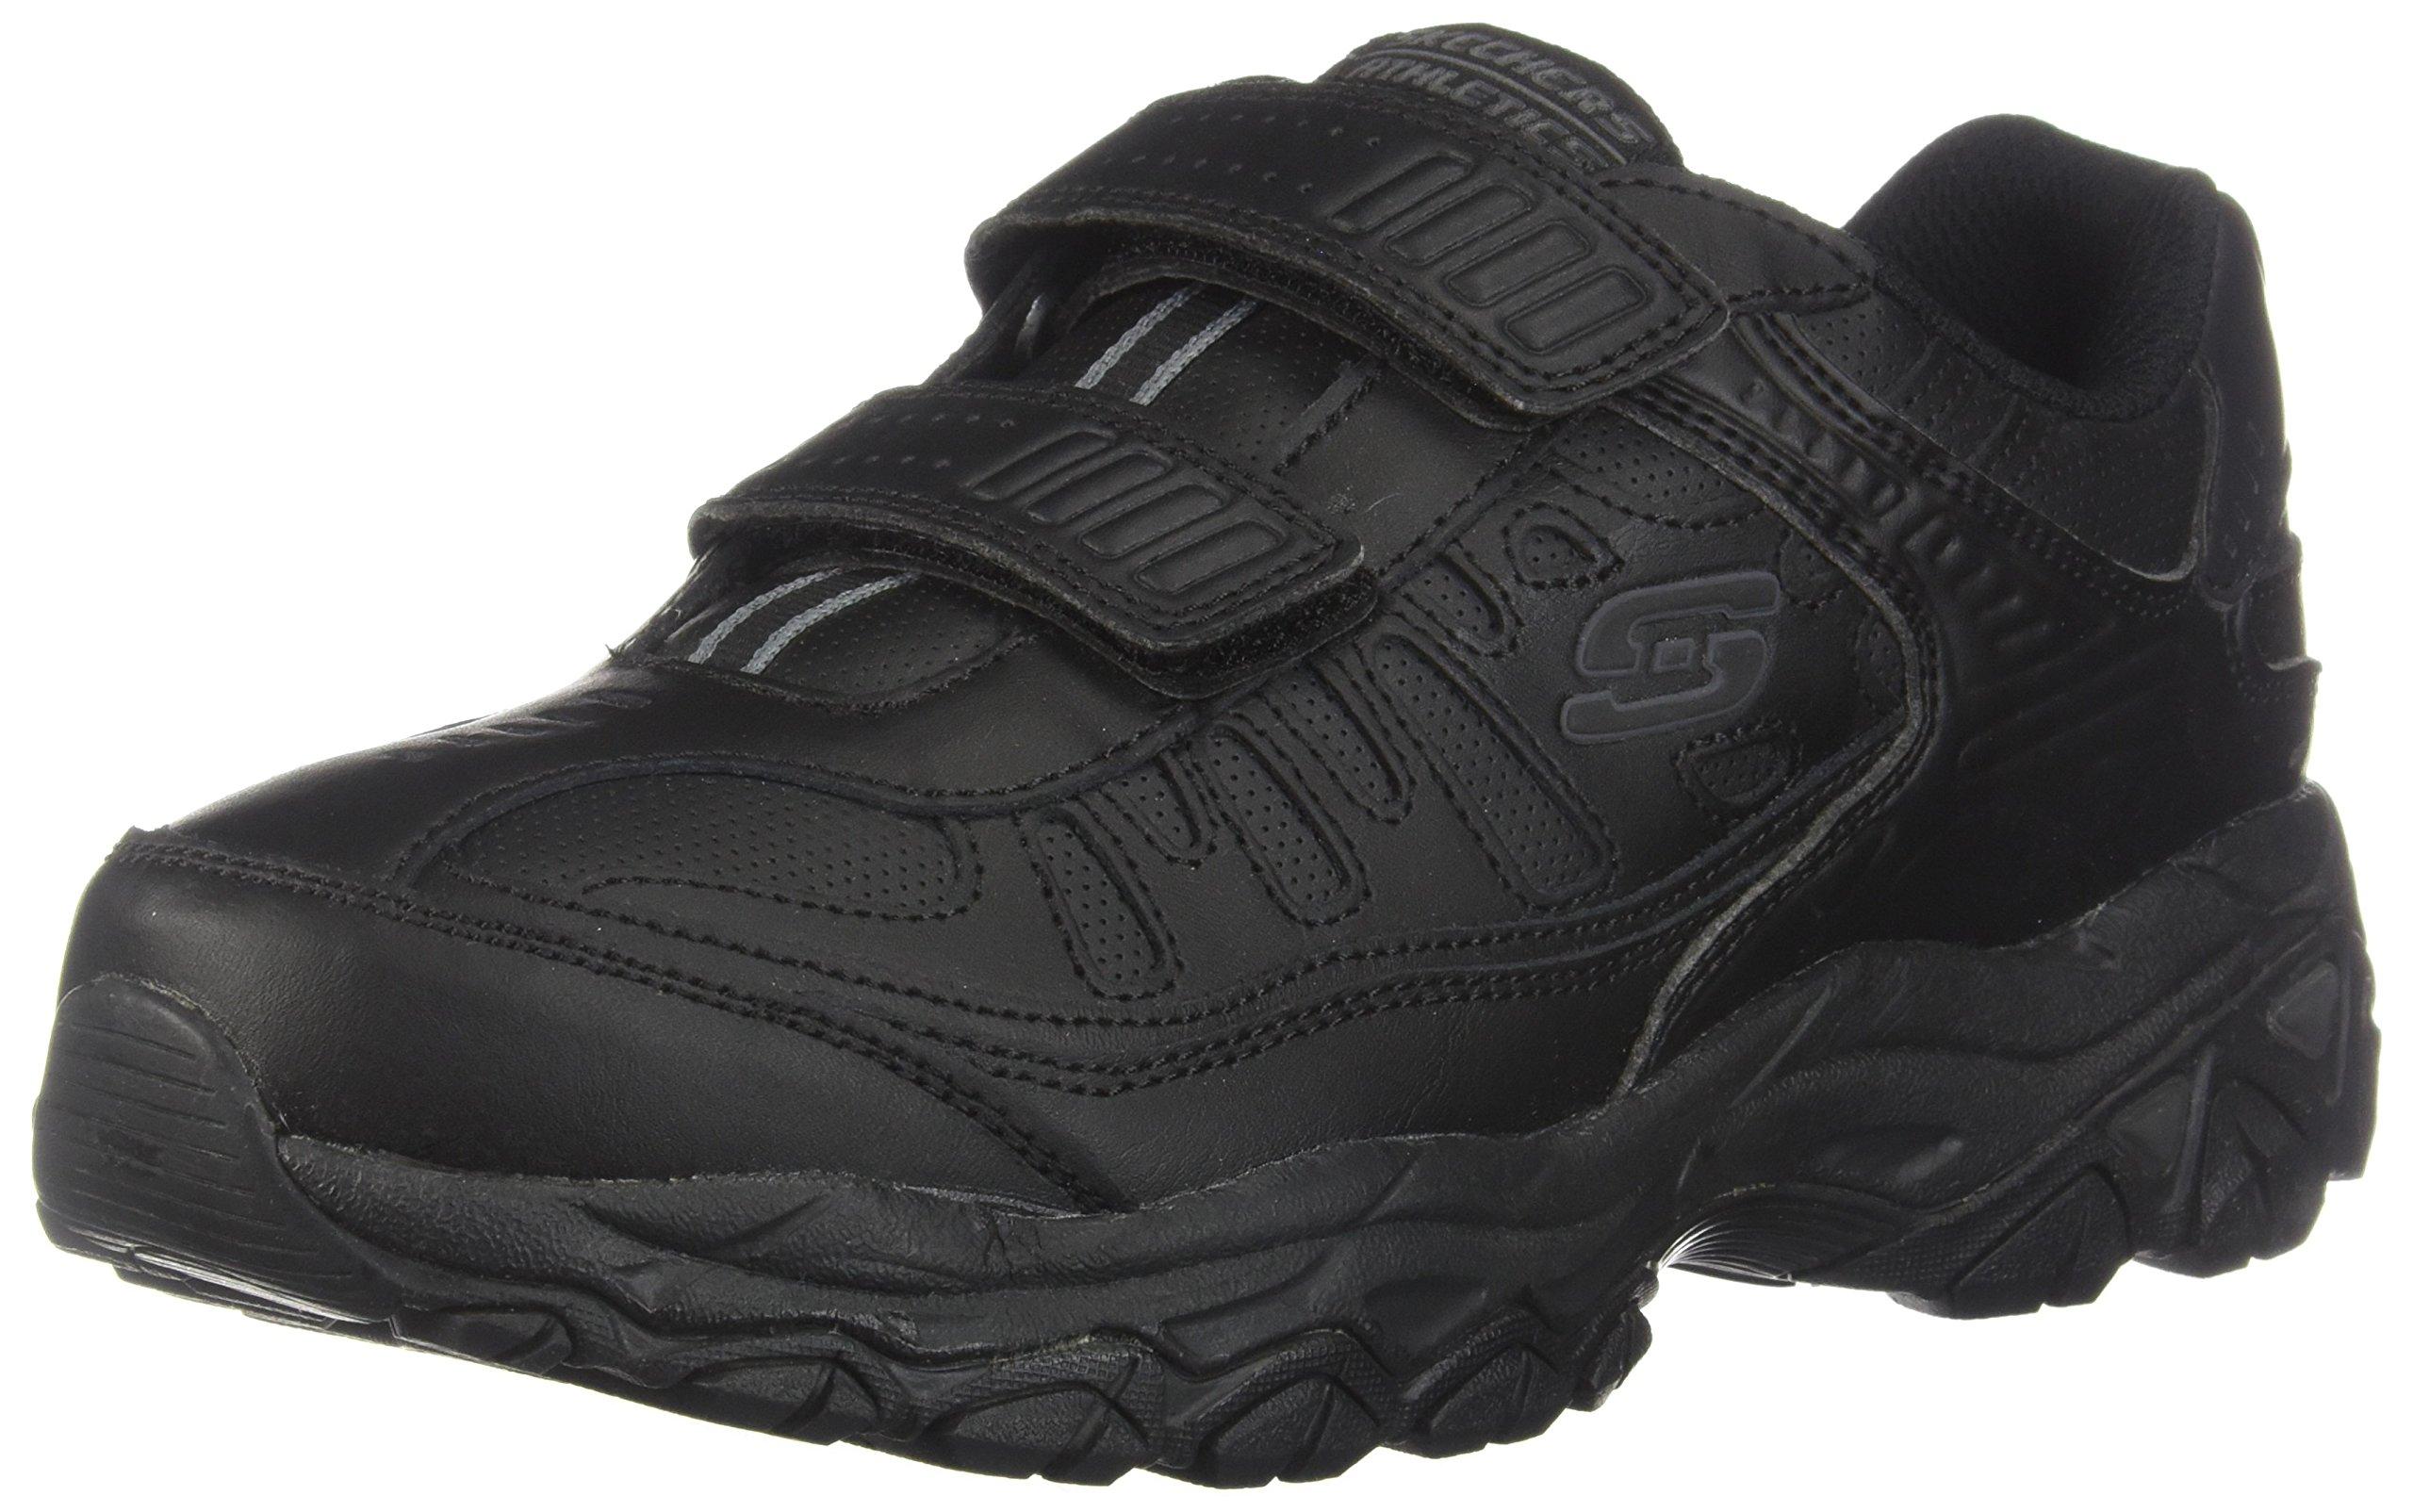 Skechers Sport Men's Afterburn Strike Memory Foam Velcro Sneaker, Black, 10 M US by Skechers